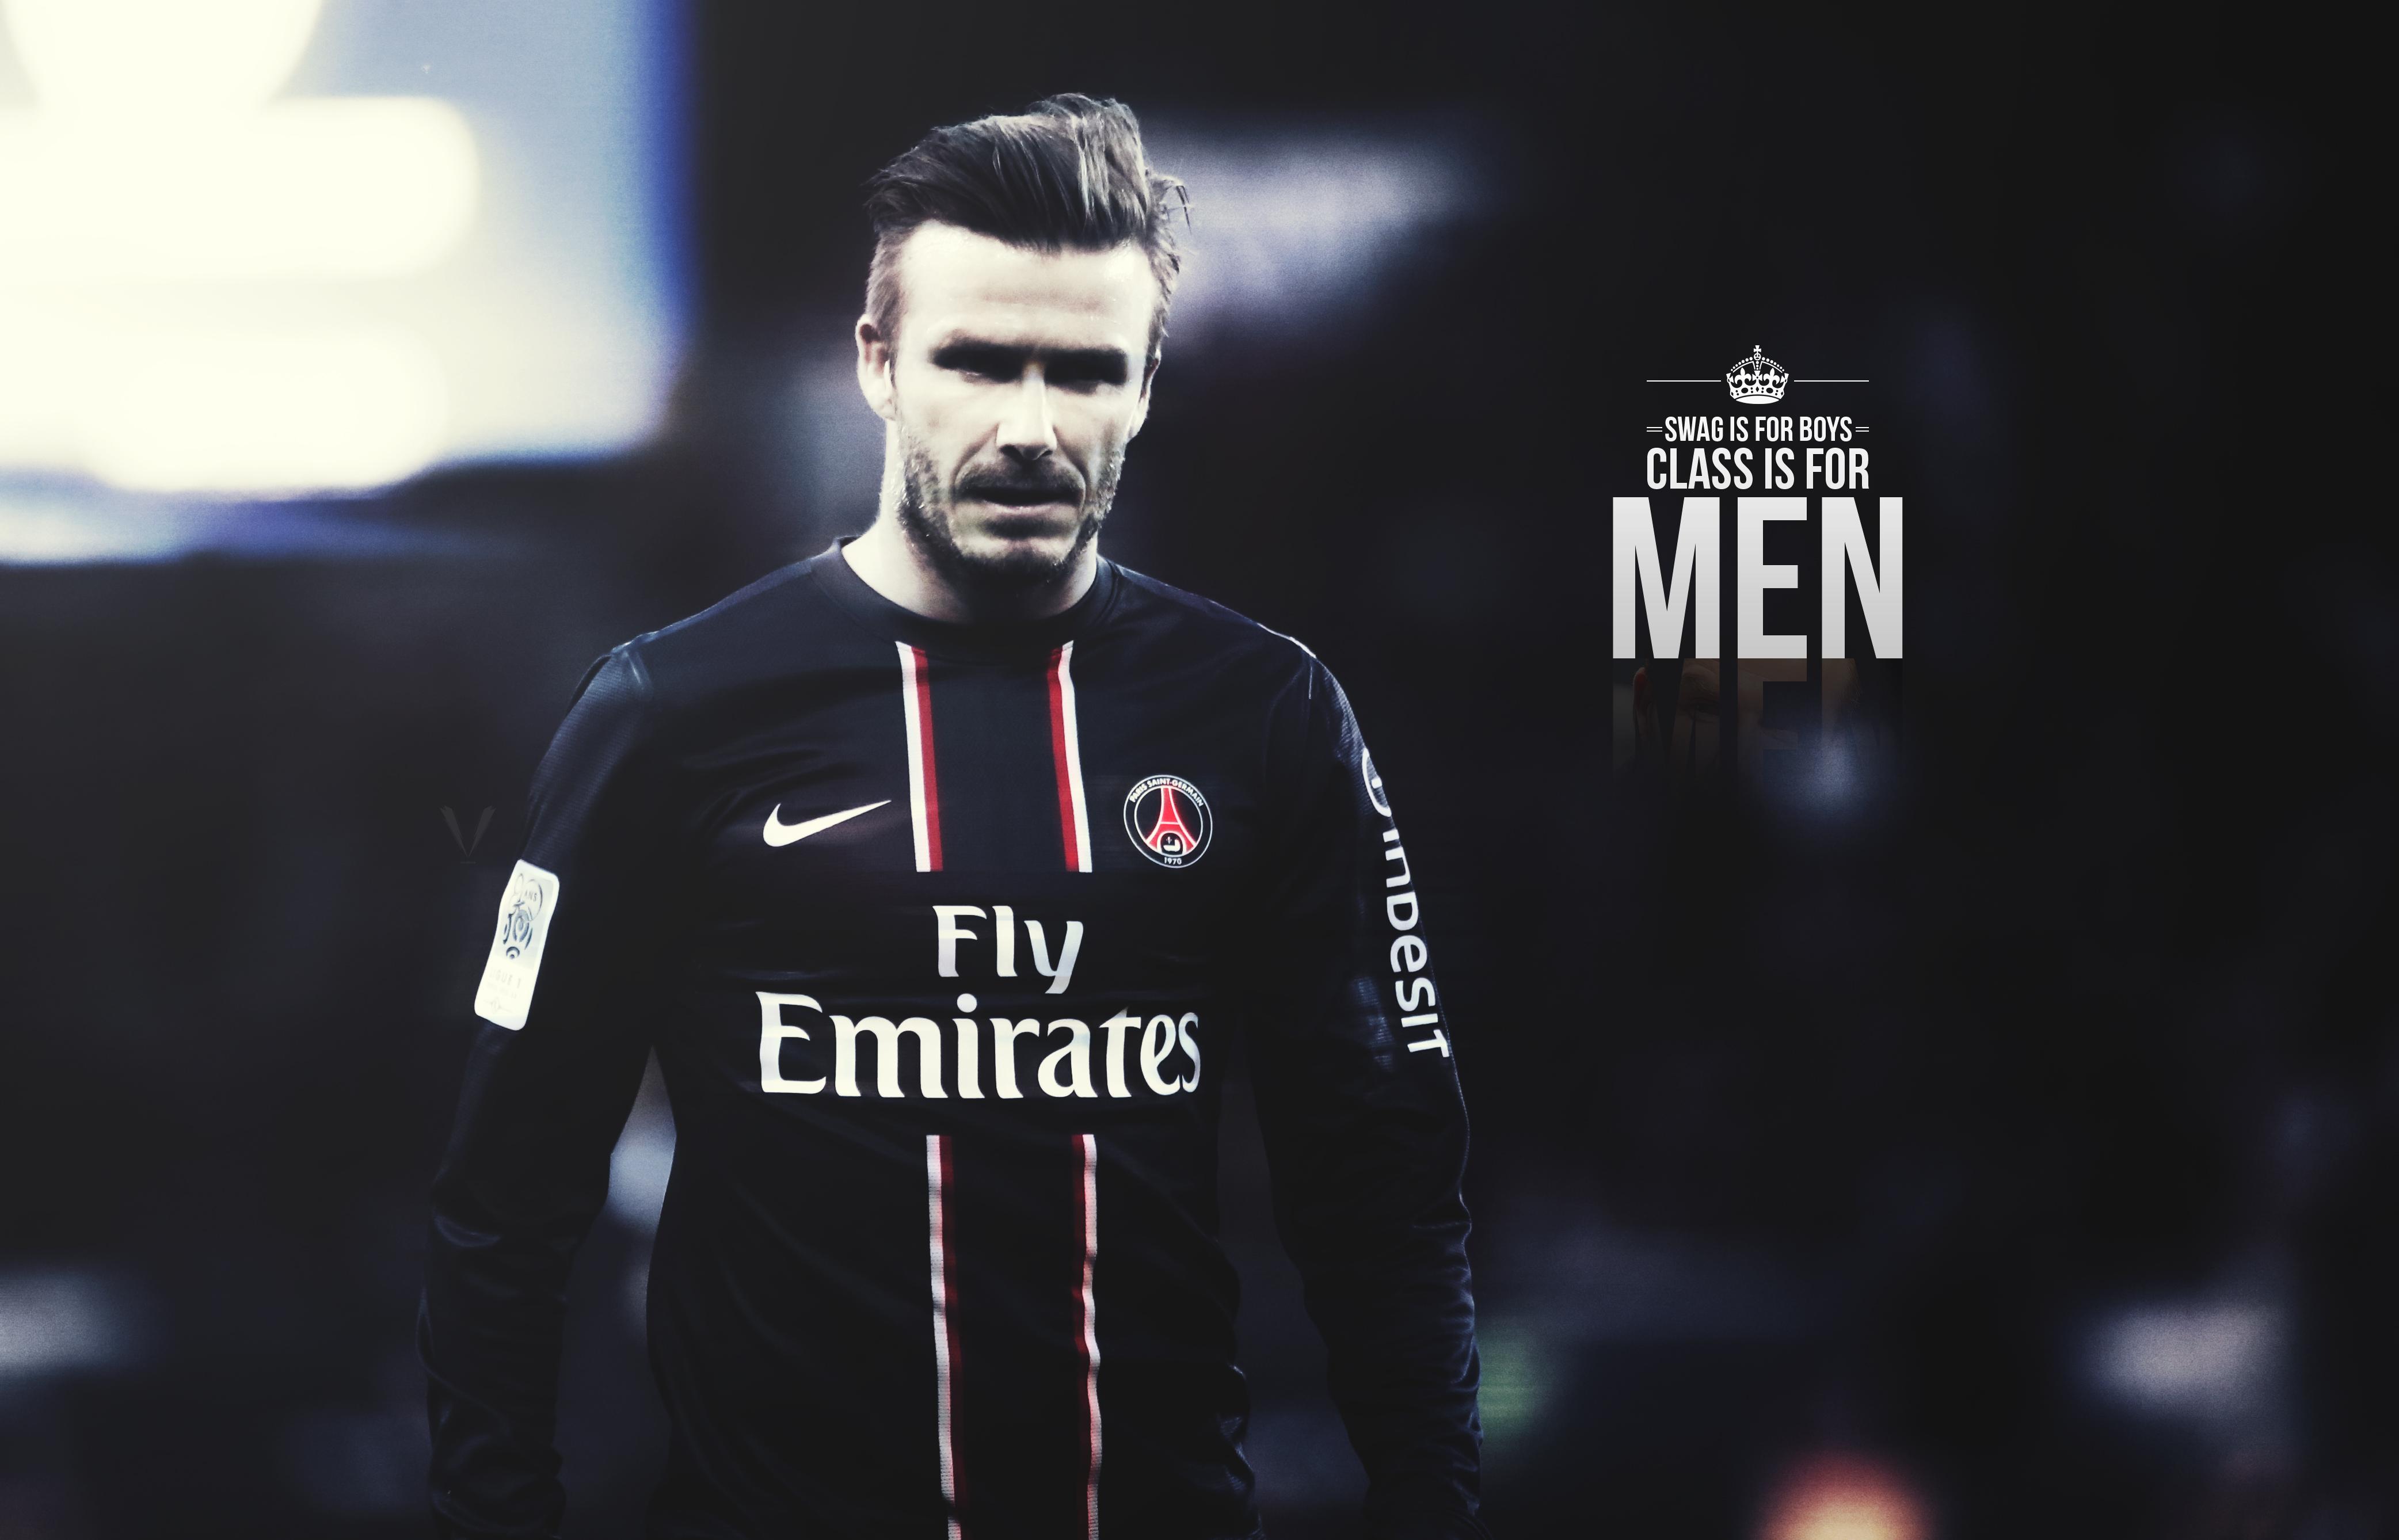 David Beckham wallpaper   Class is for men by SKL7 on 4168x2676